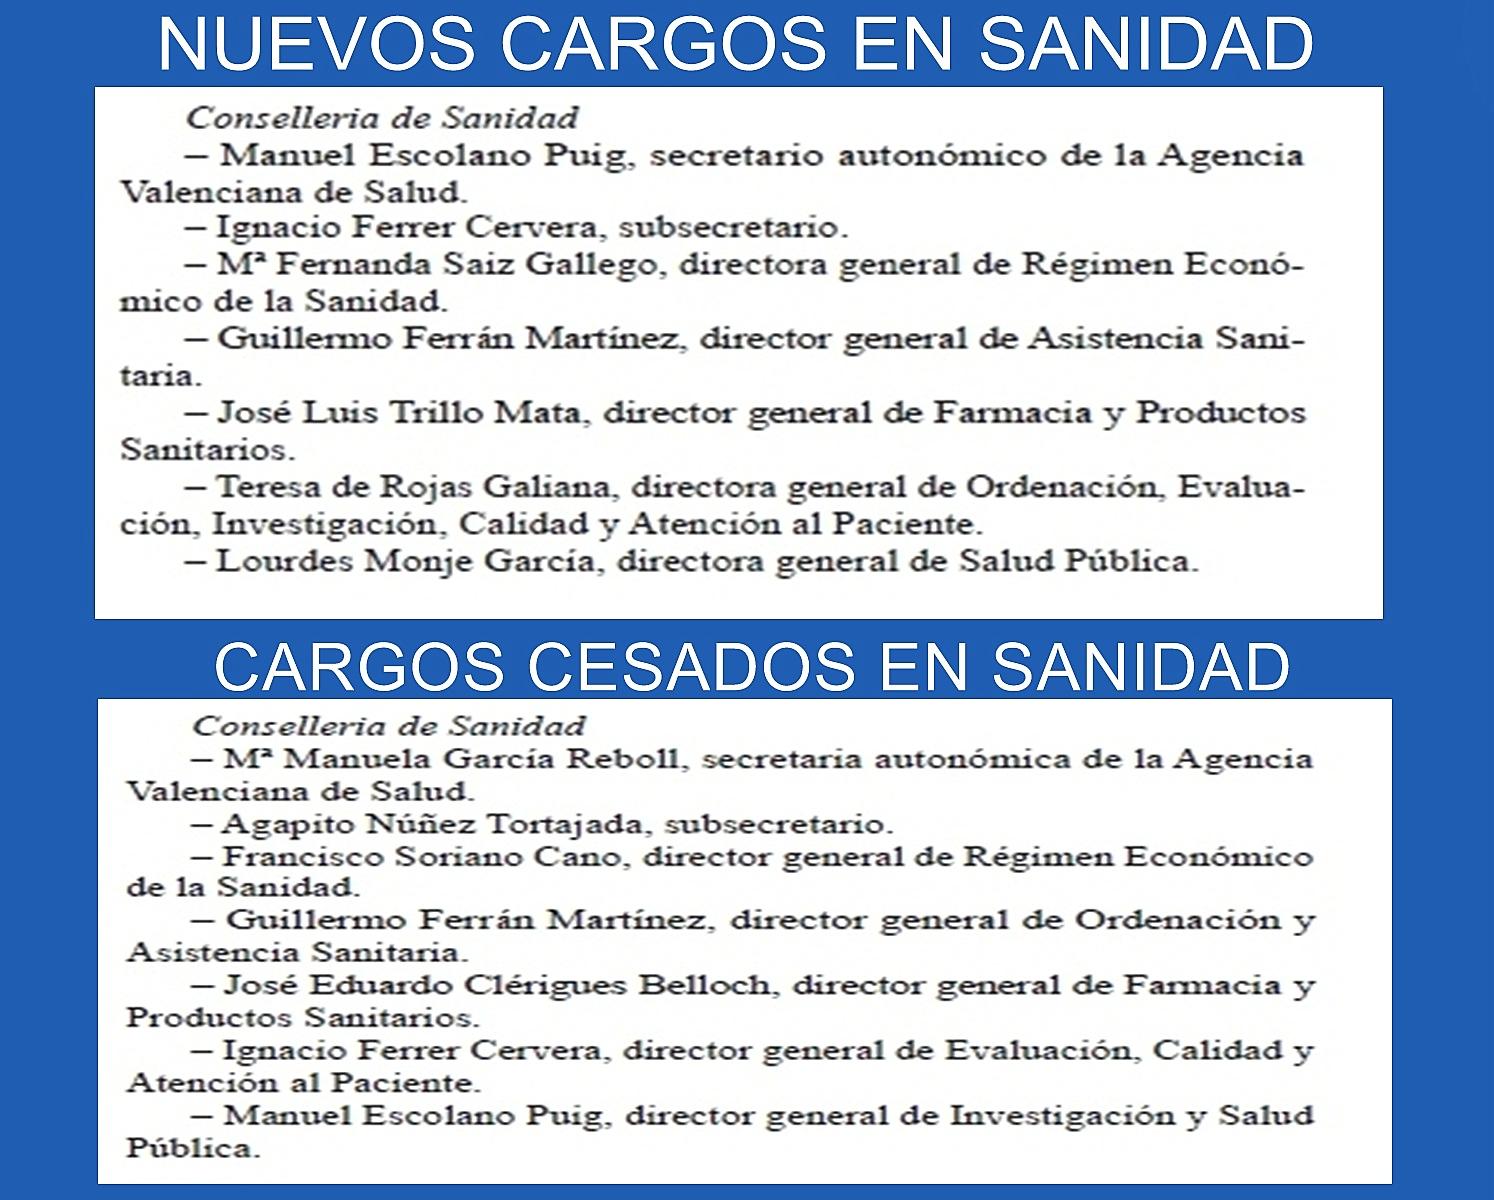 ... EN LOS HOSPITALES POR LA MALA GESTION DE LA CONSELLERIA DE SANIDAD